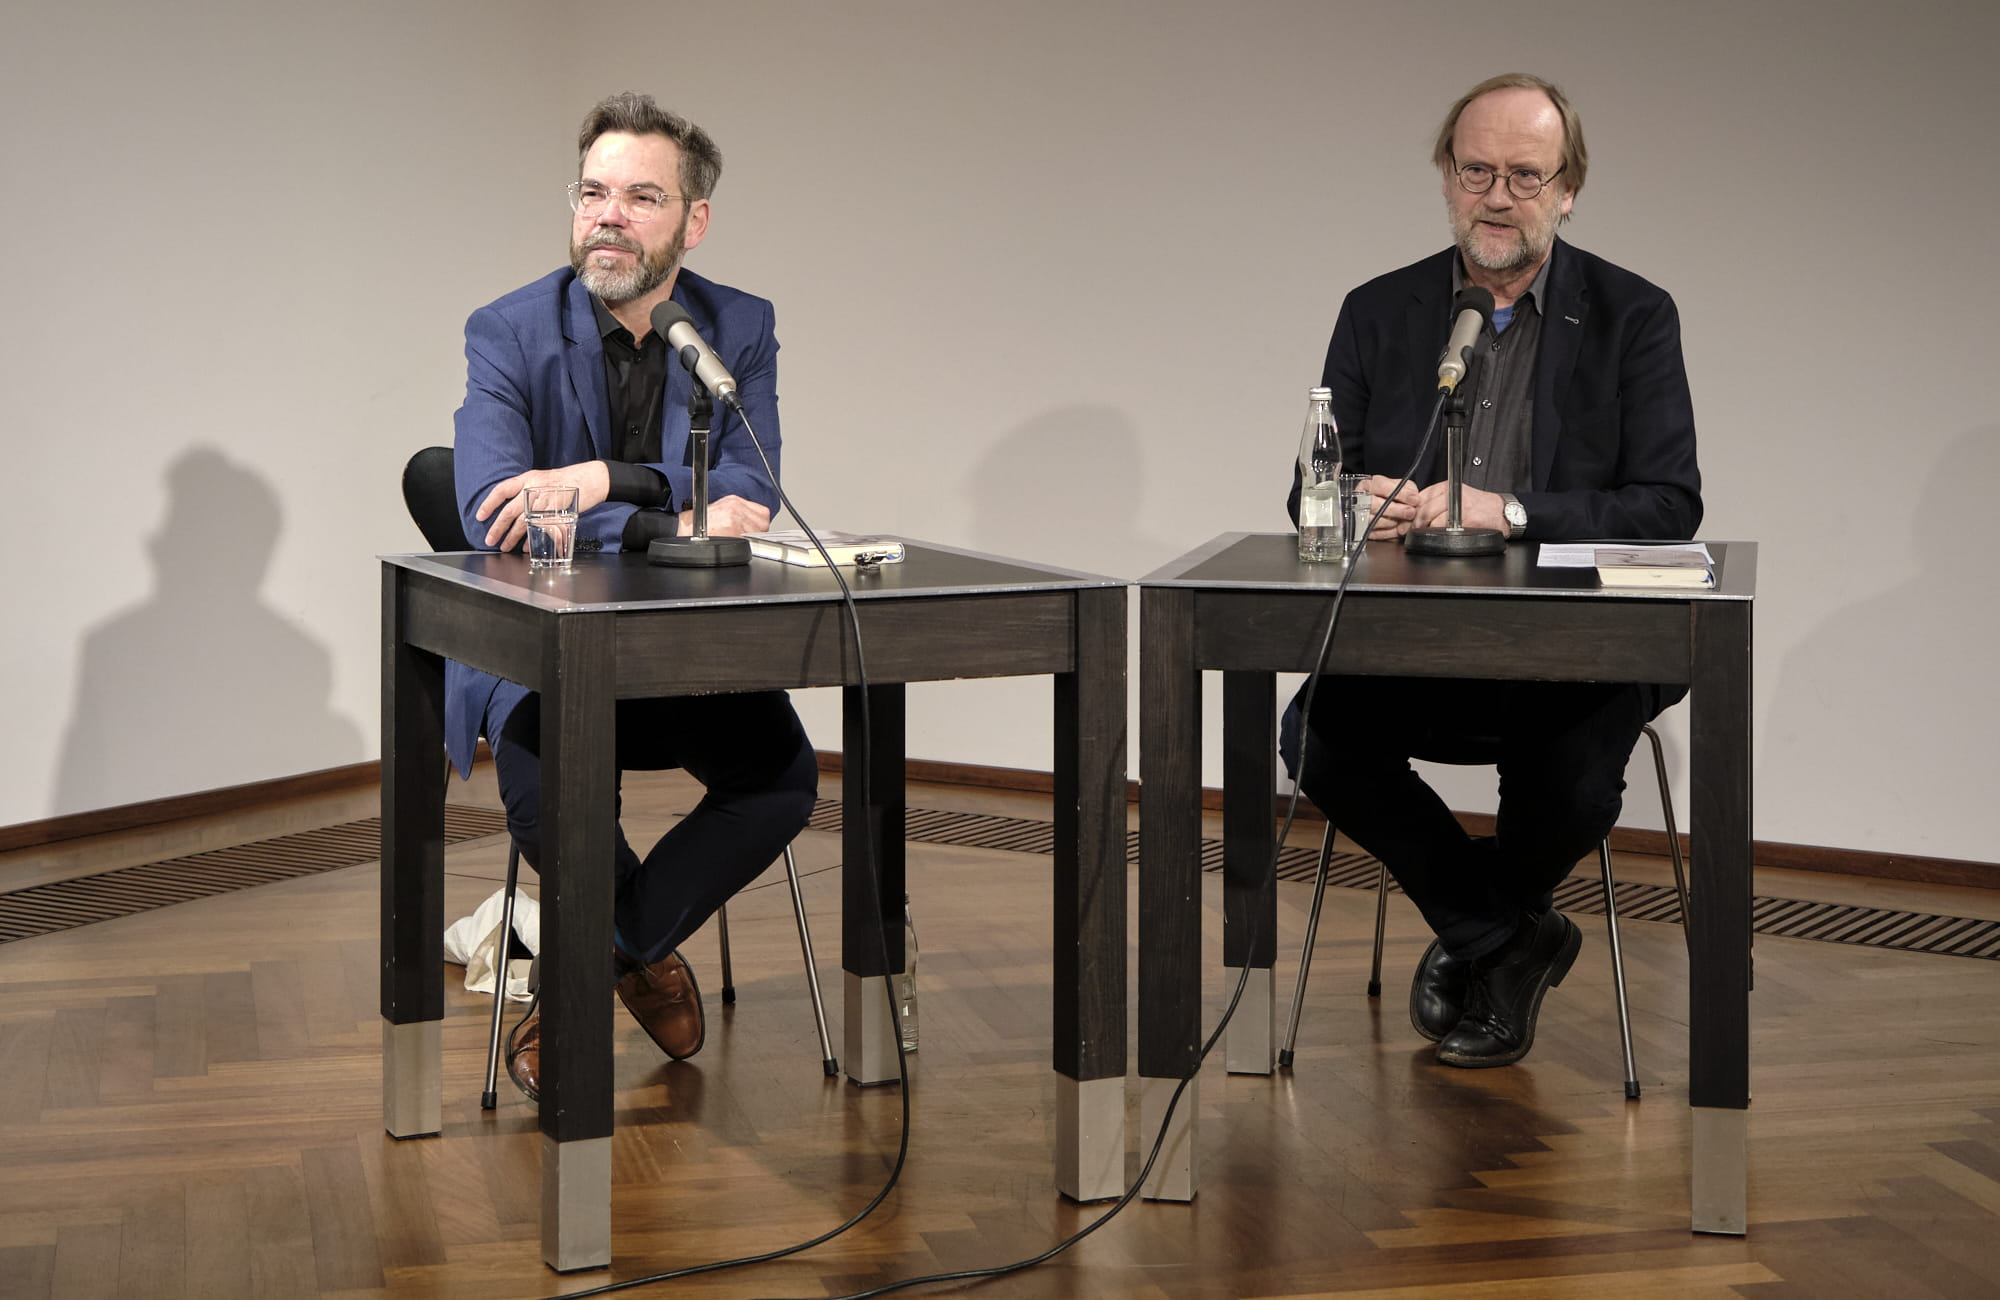 David Wagner: Der vergessliche Riese,                                                               Montag, 17.02.20               /                   19.30              Uhr                               <br/>(c) Sebastian Wenzel